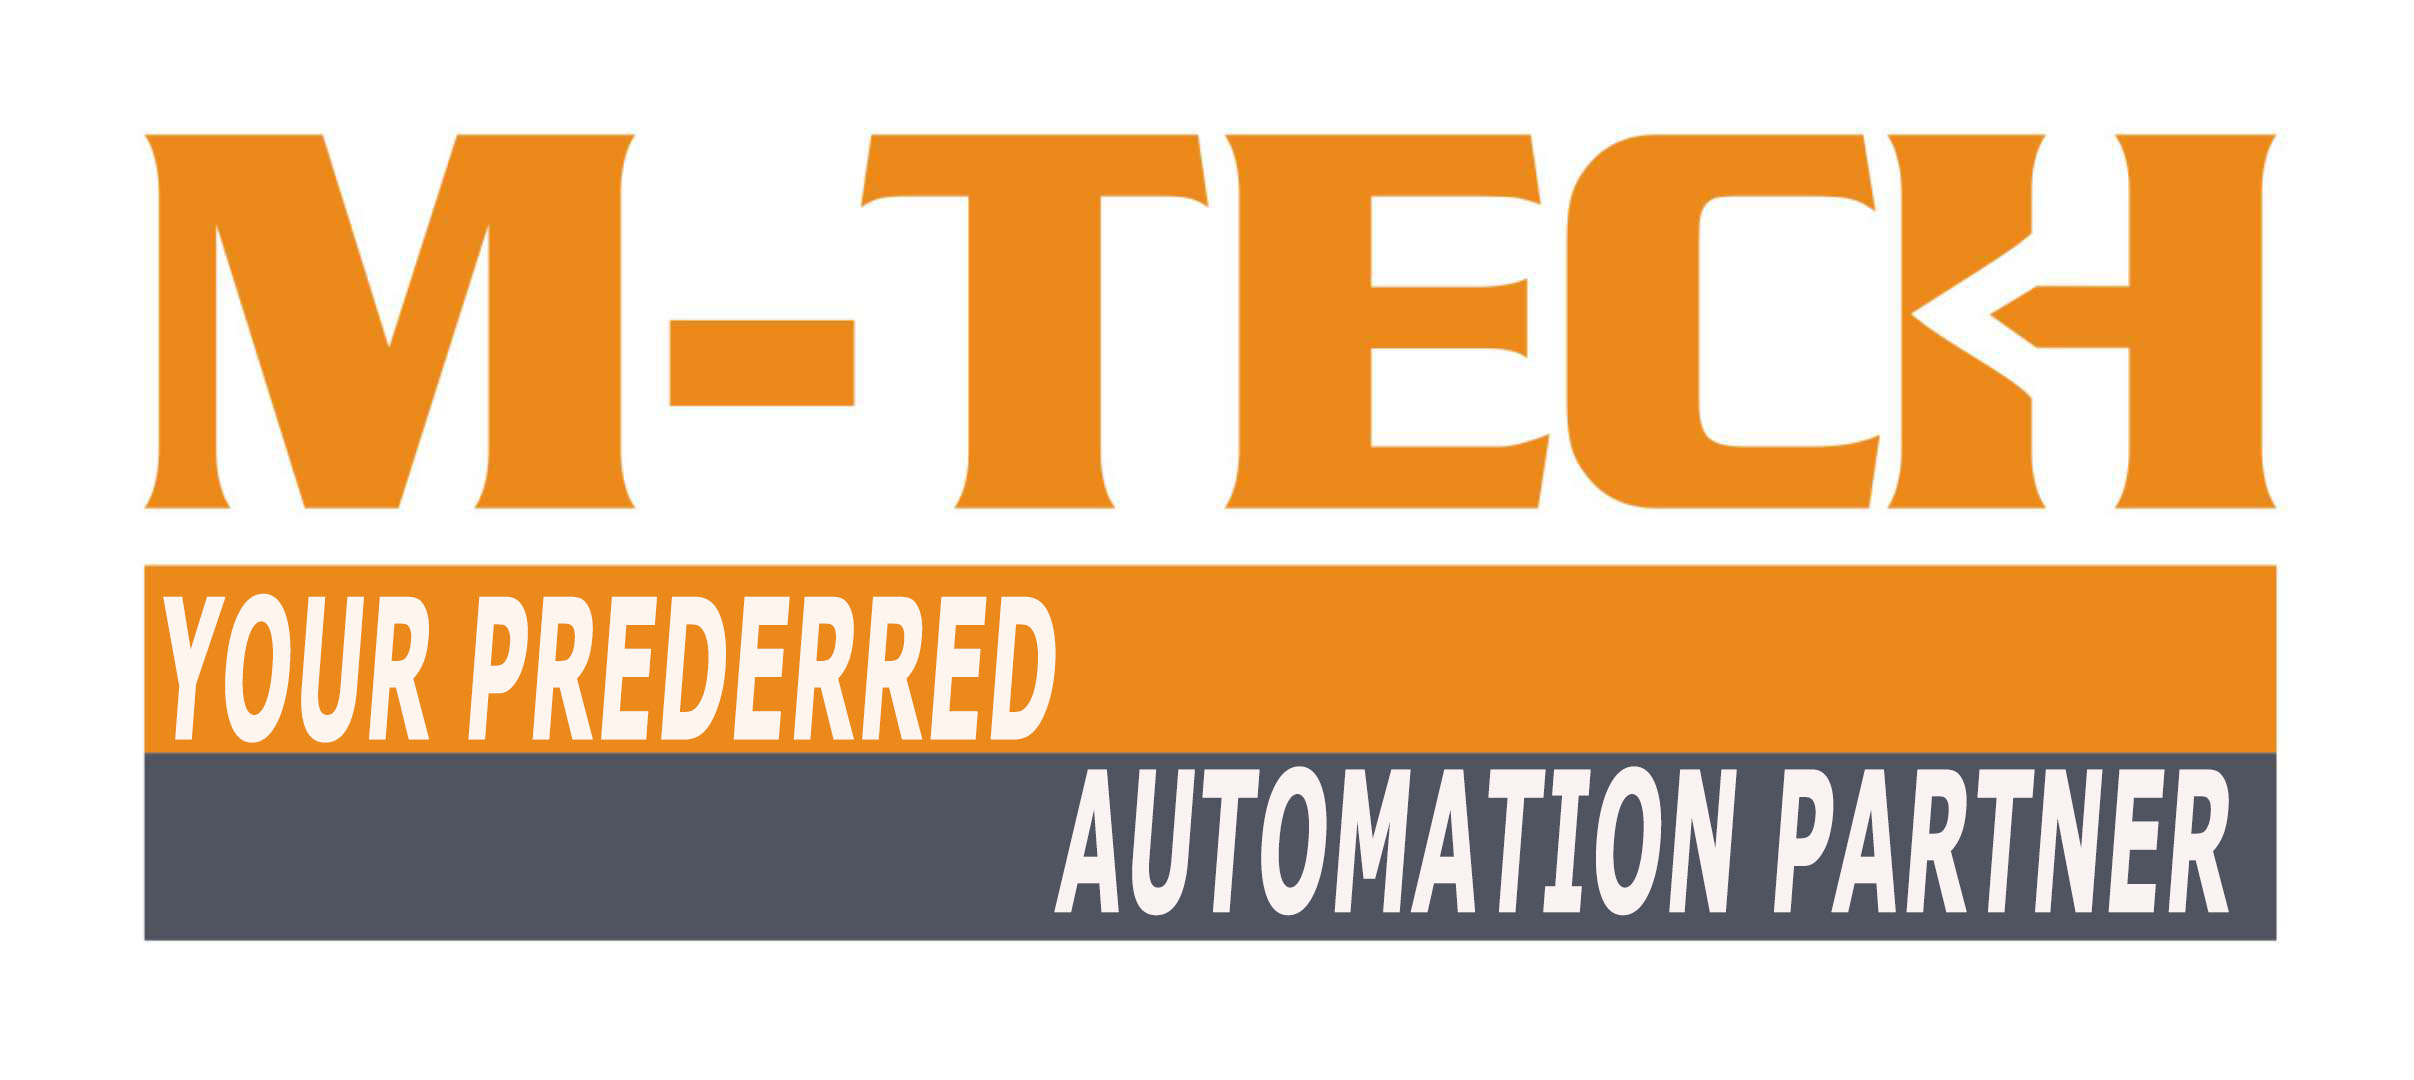 苏州工业园区迈泰克自动化技术有限公司